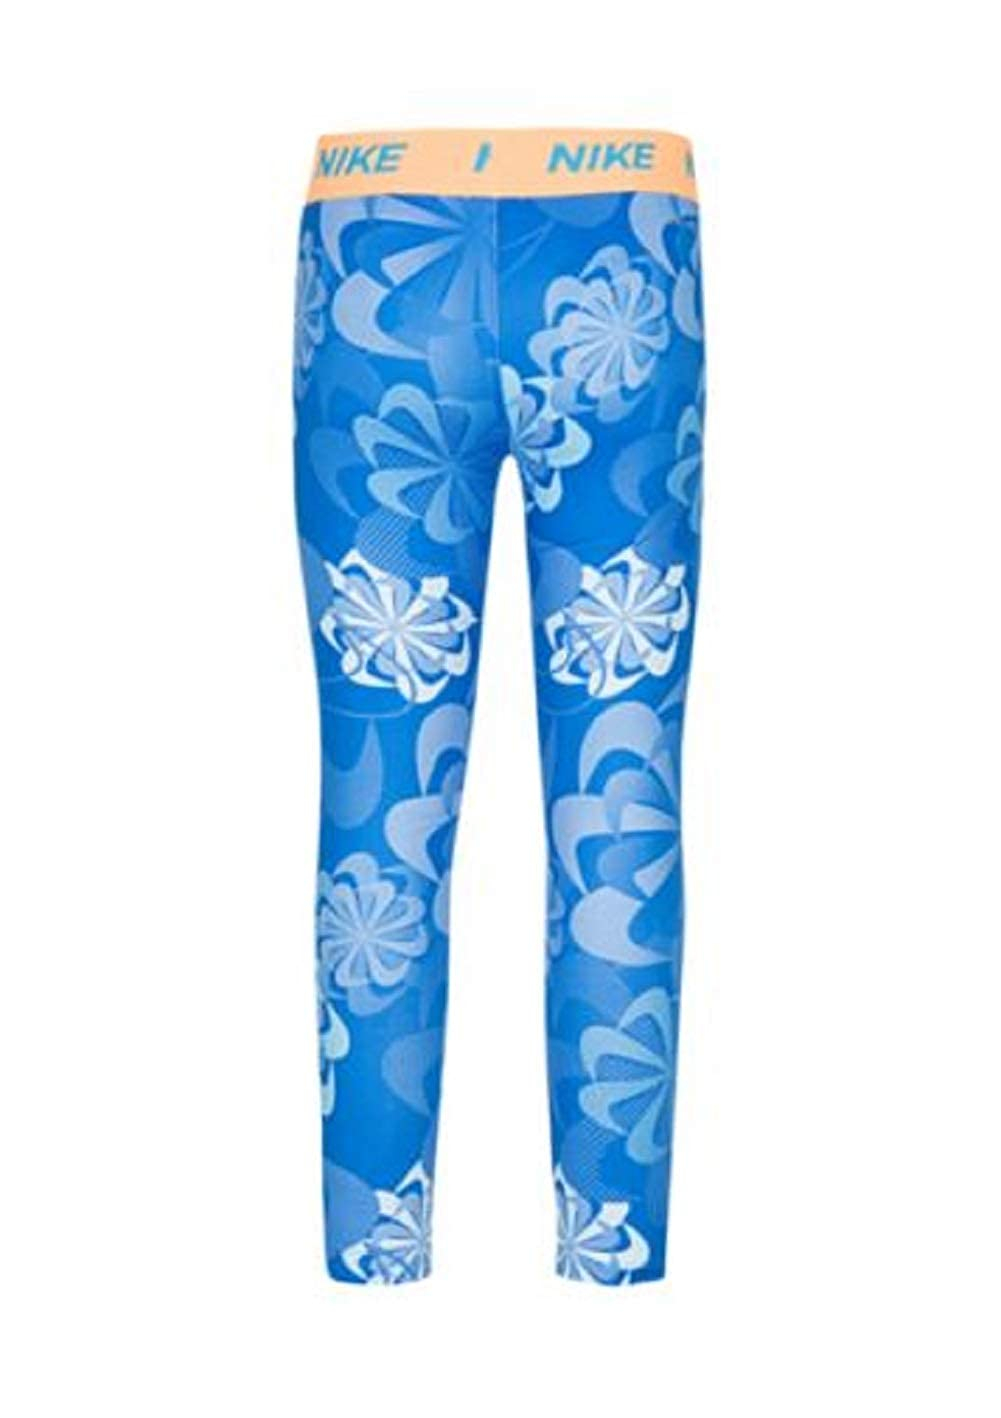 Nike Toddler Girls Dri-FIT Printed Leggings Blue Sky